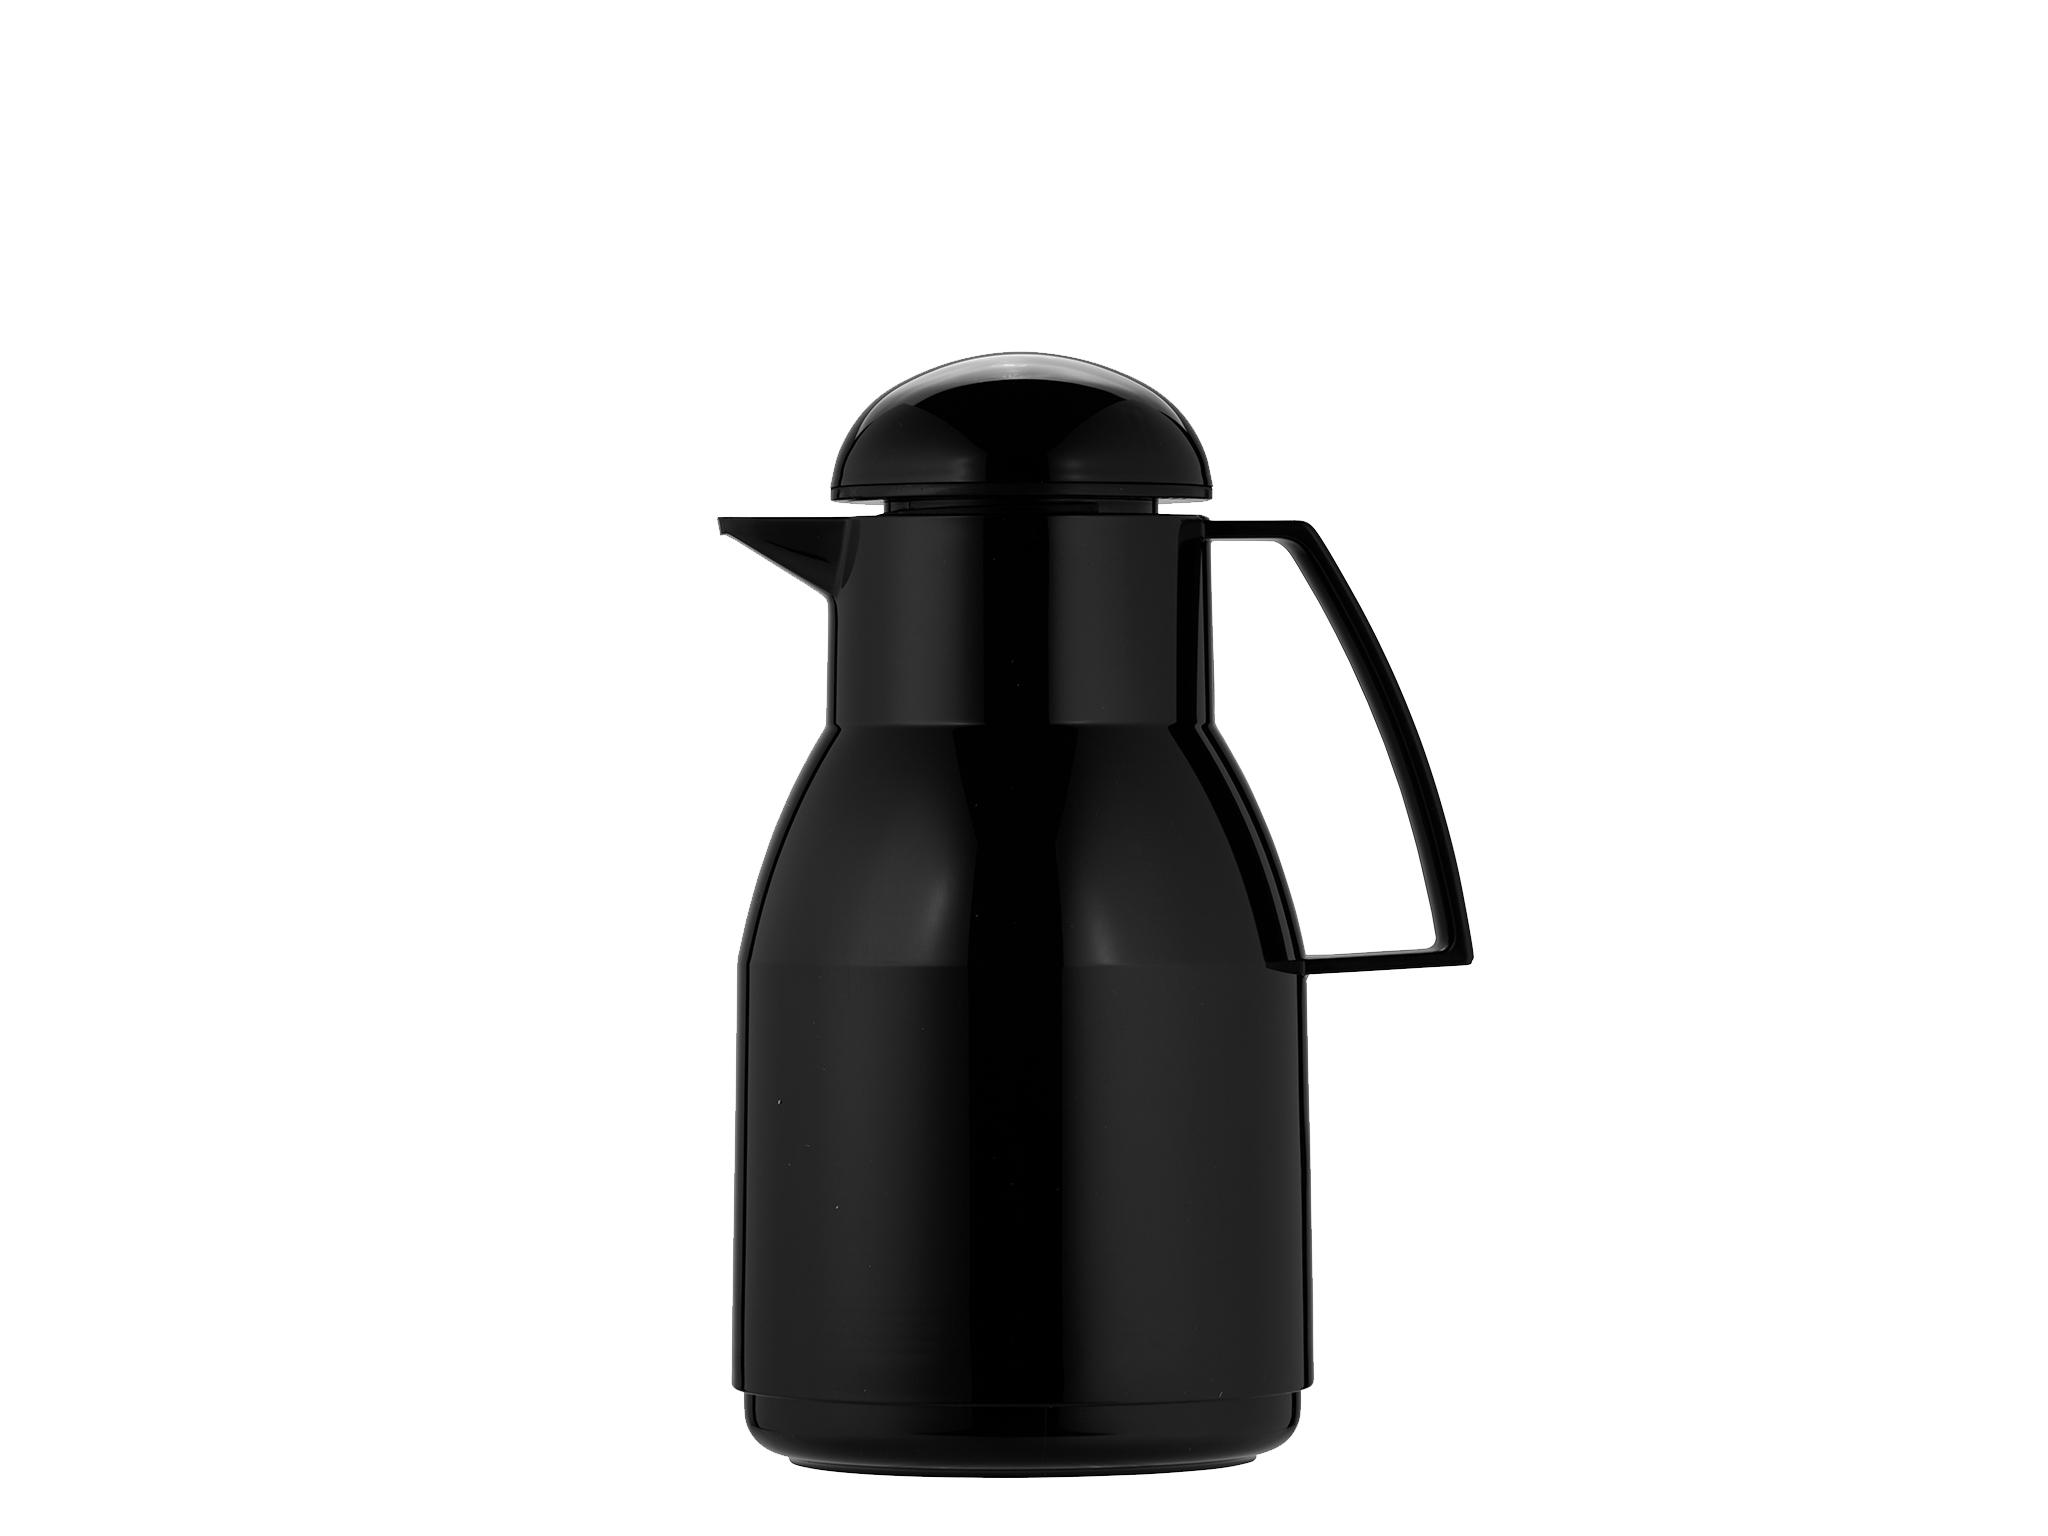 2734-002 - Vacuum jug black 1.0 L TOP - Helios